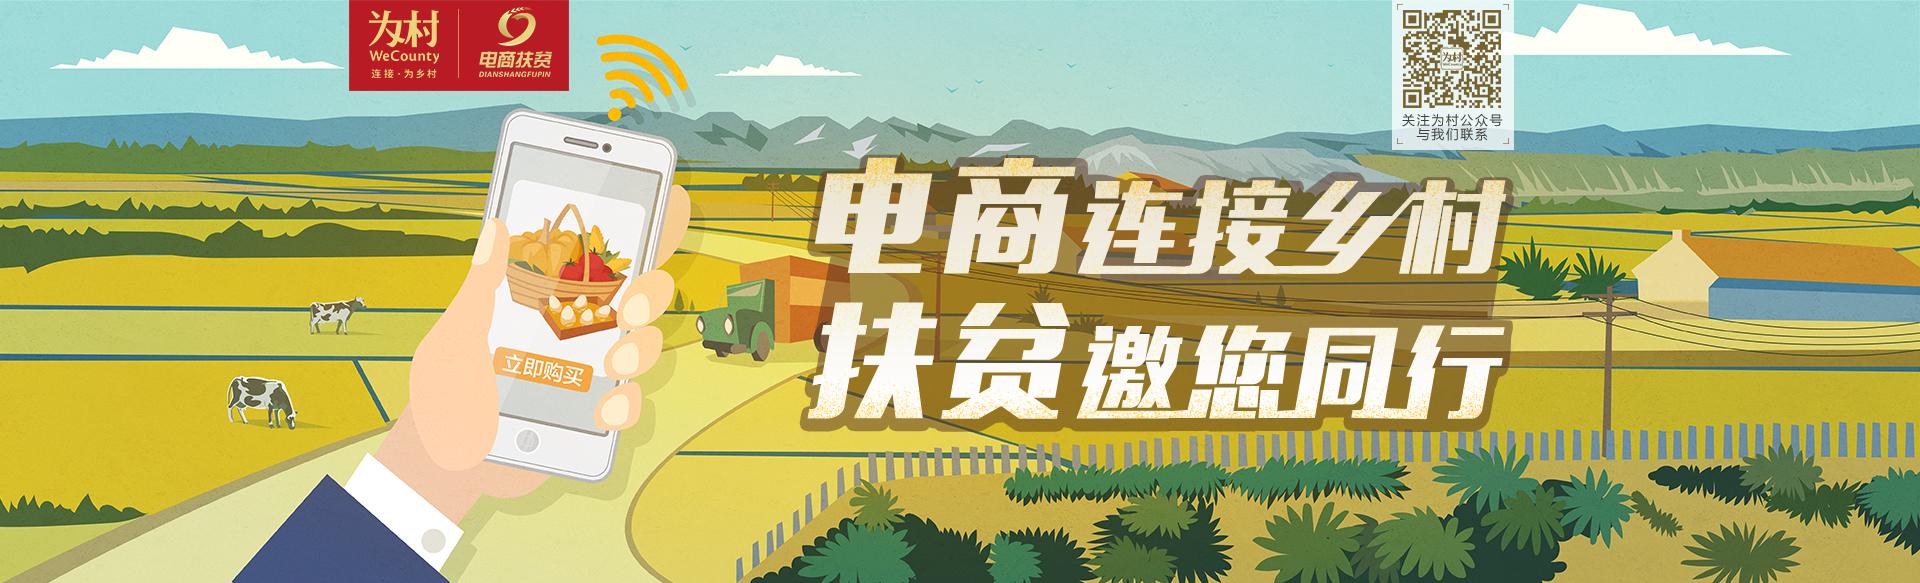 互联网+乡村